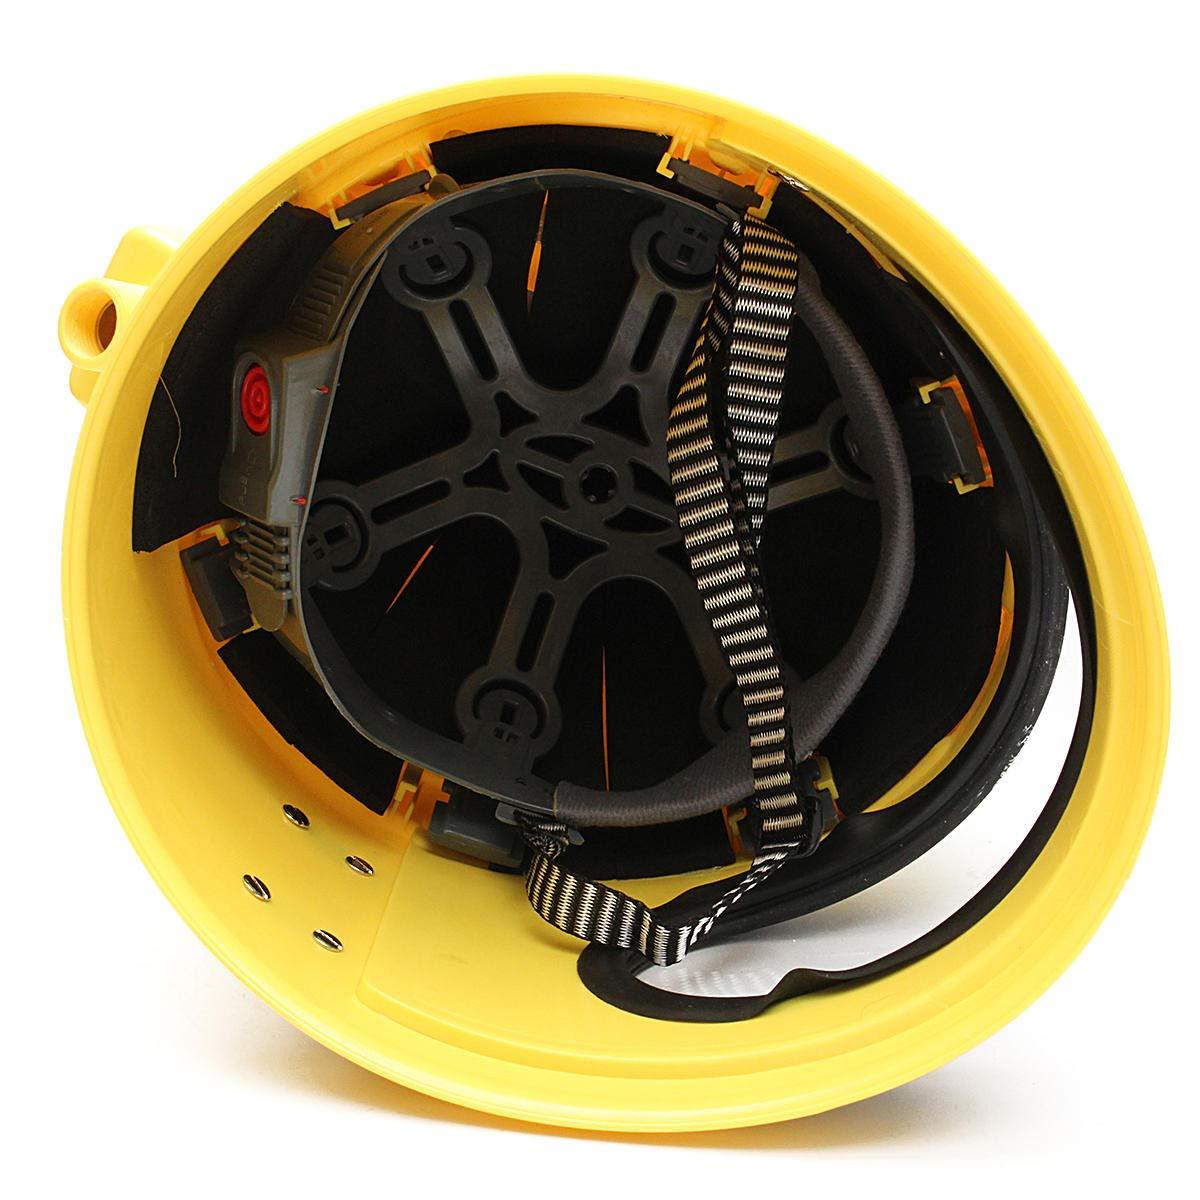 AIR FED Safety Sandblast Helmet Sand Blast Hood Protector for Sandblasting by Anddoa (Image #7)